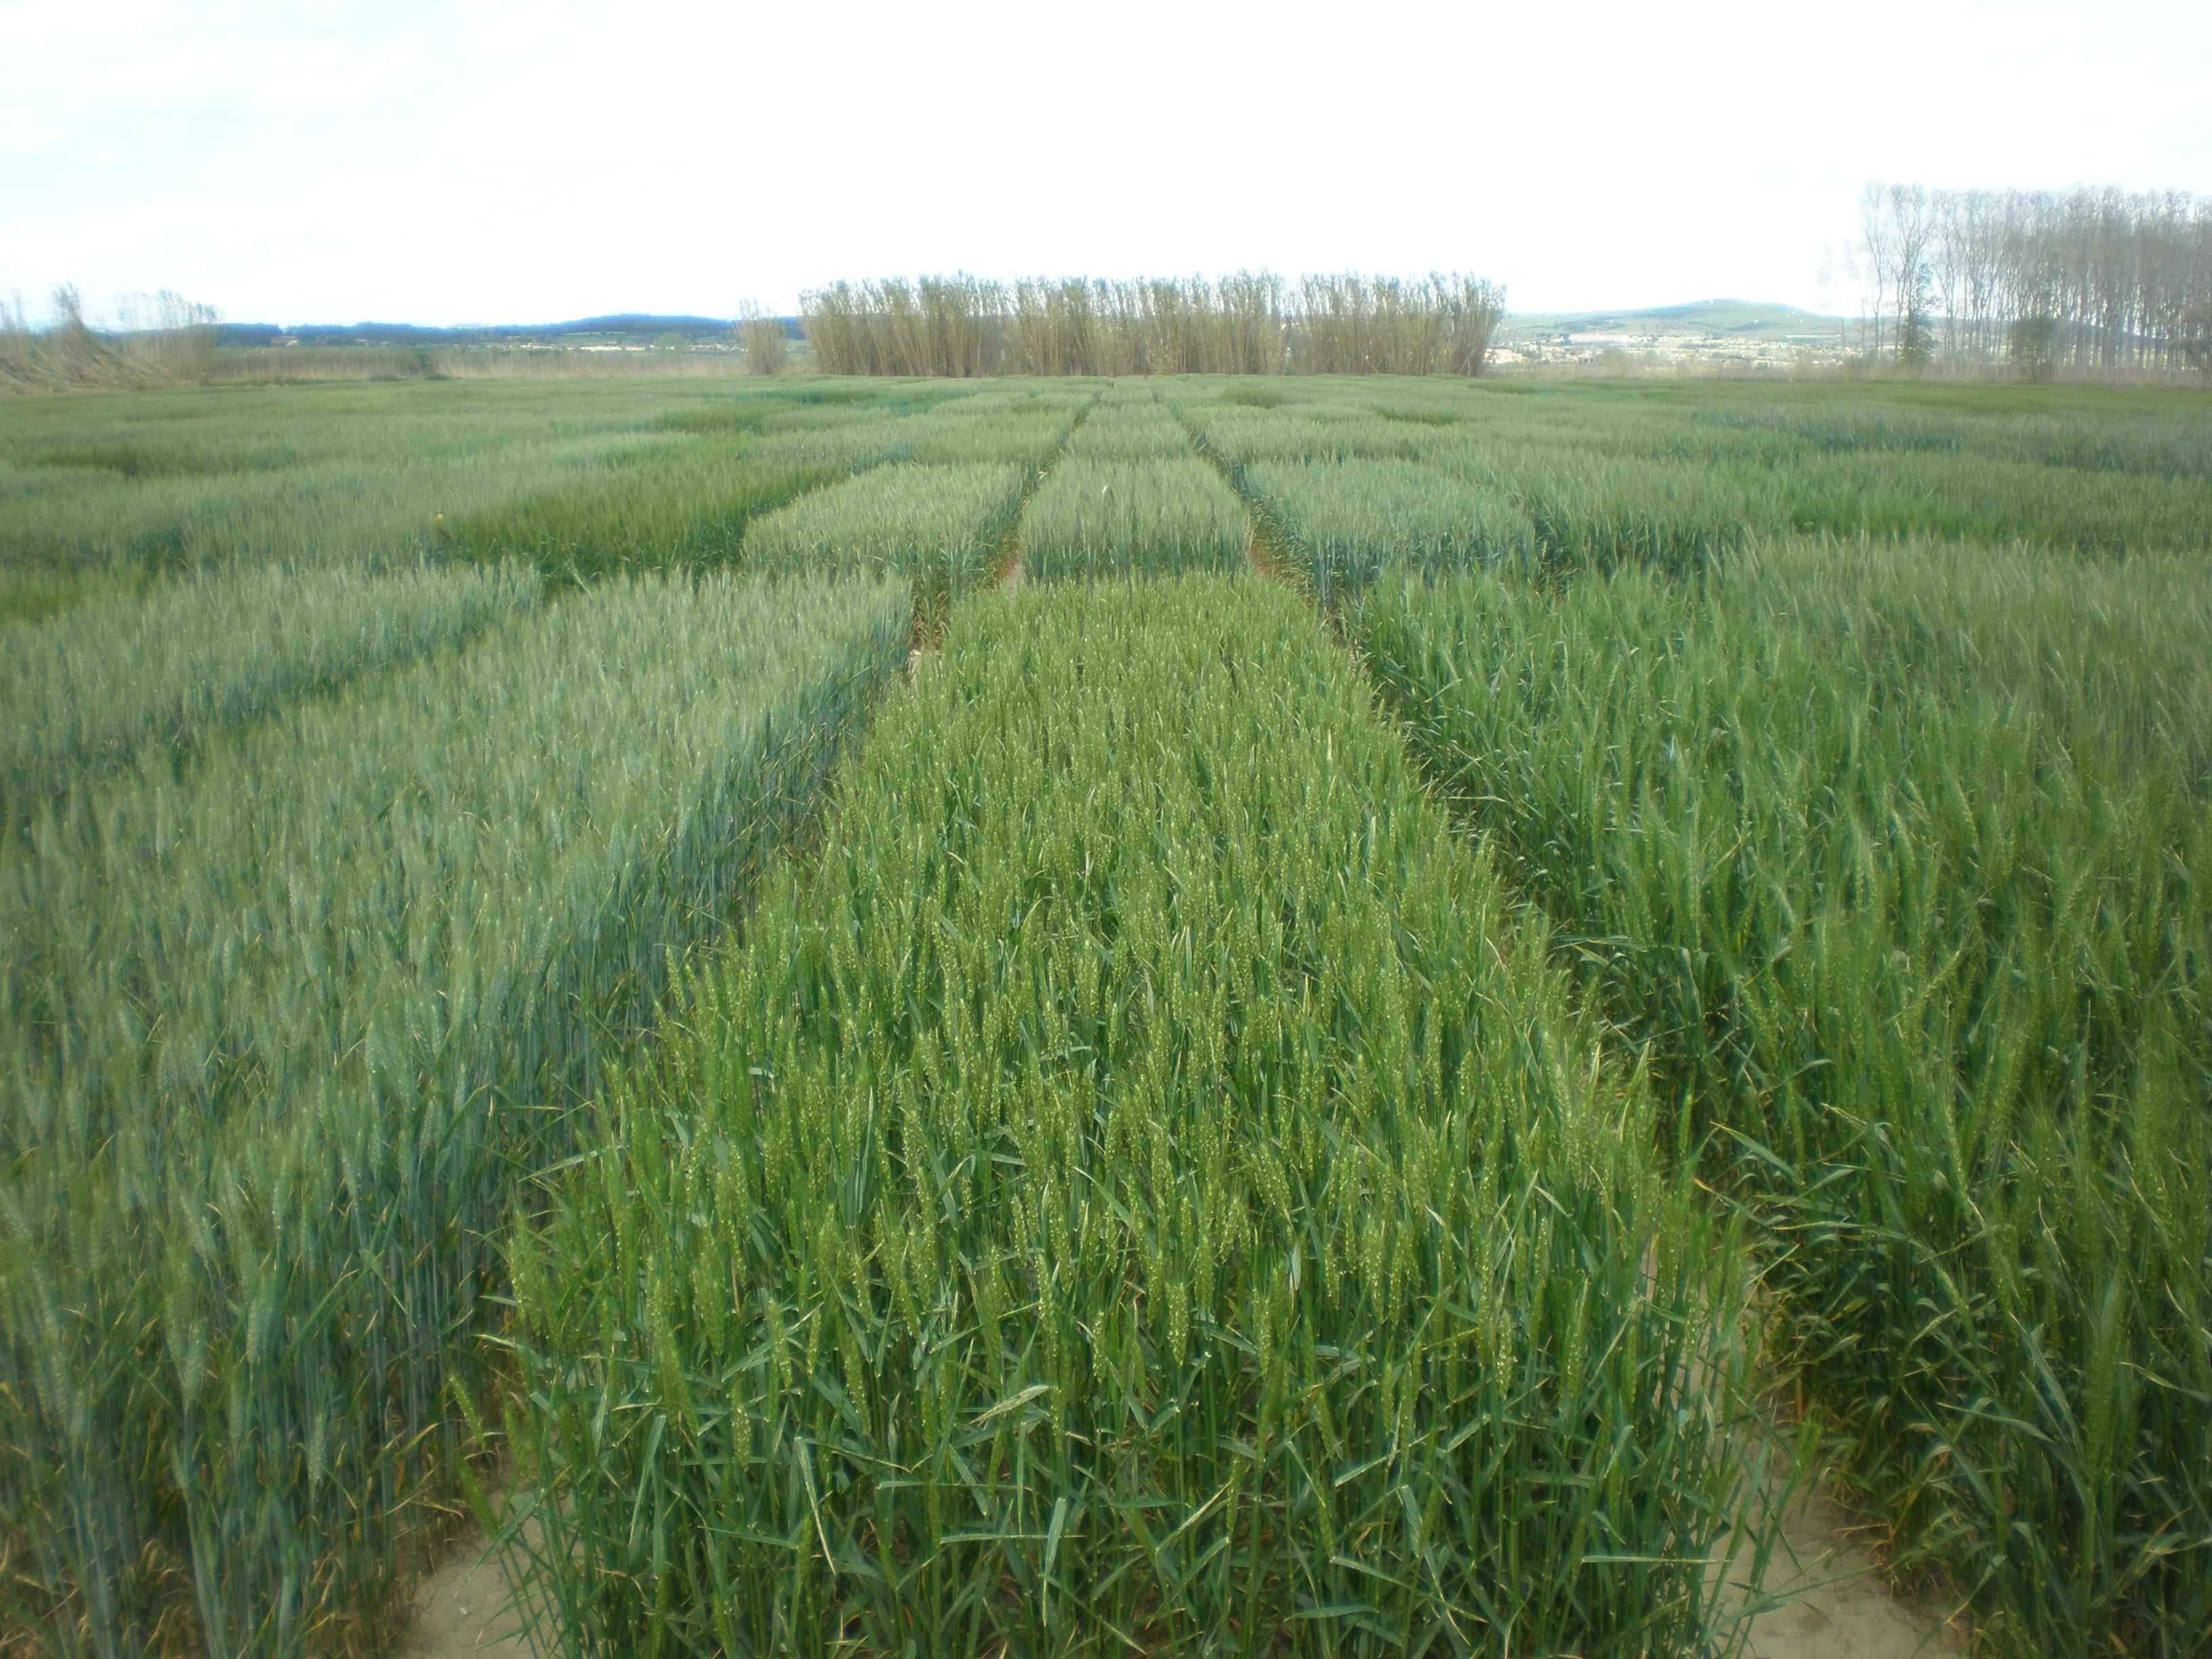 Varietats de blat tou de cicle llarg